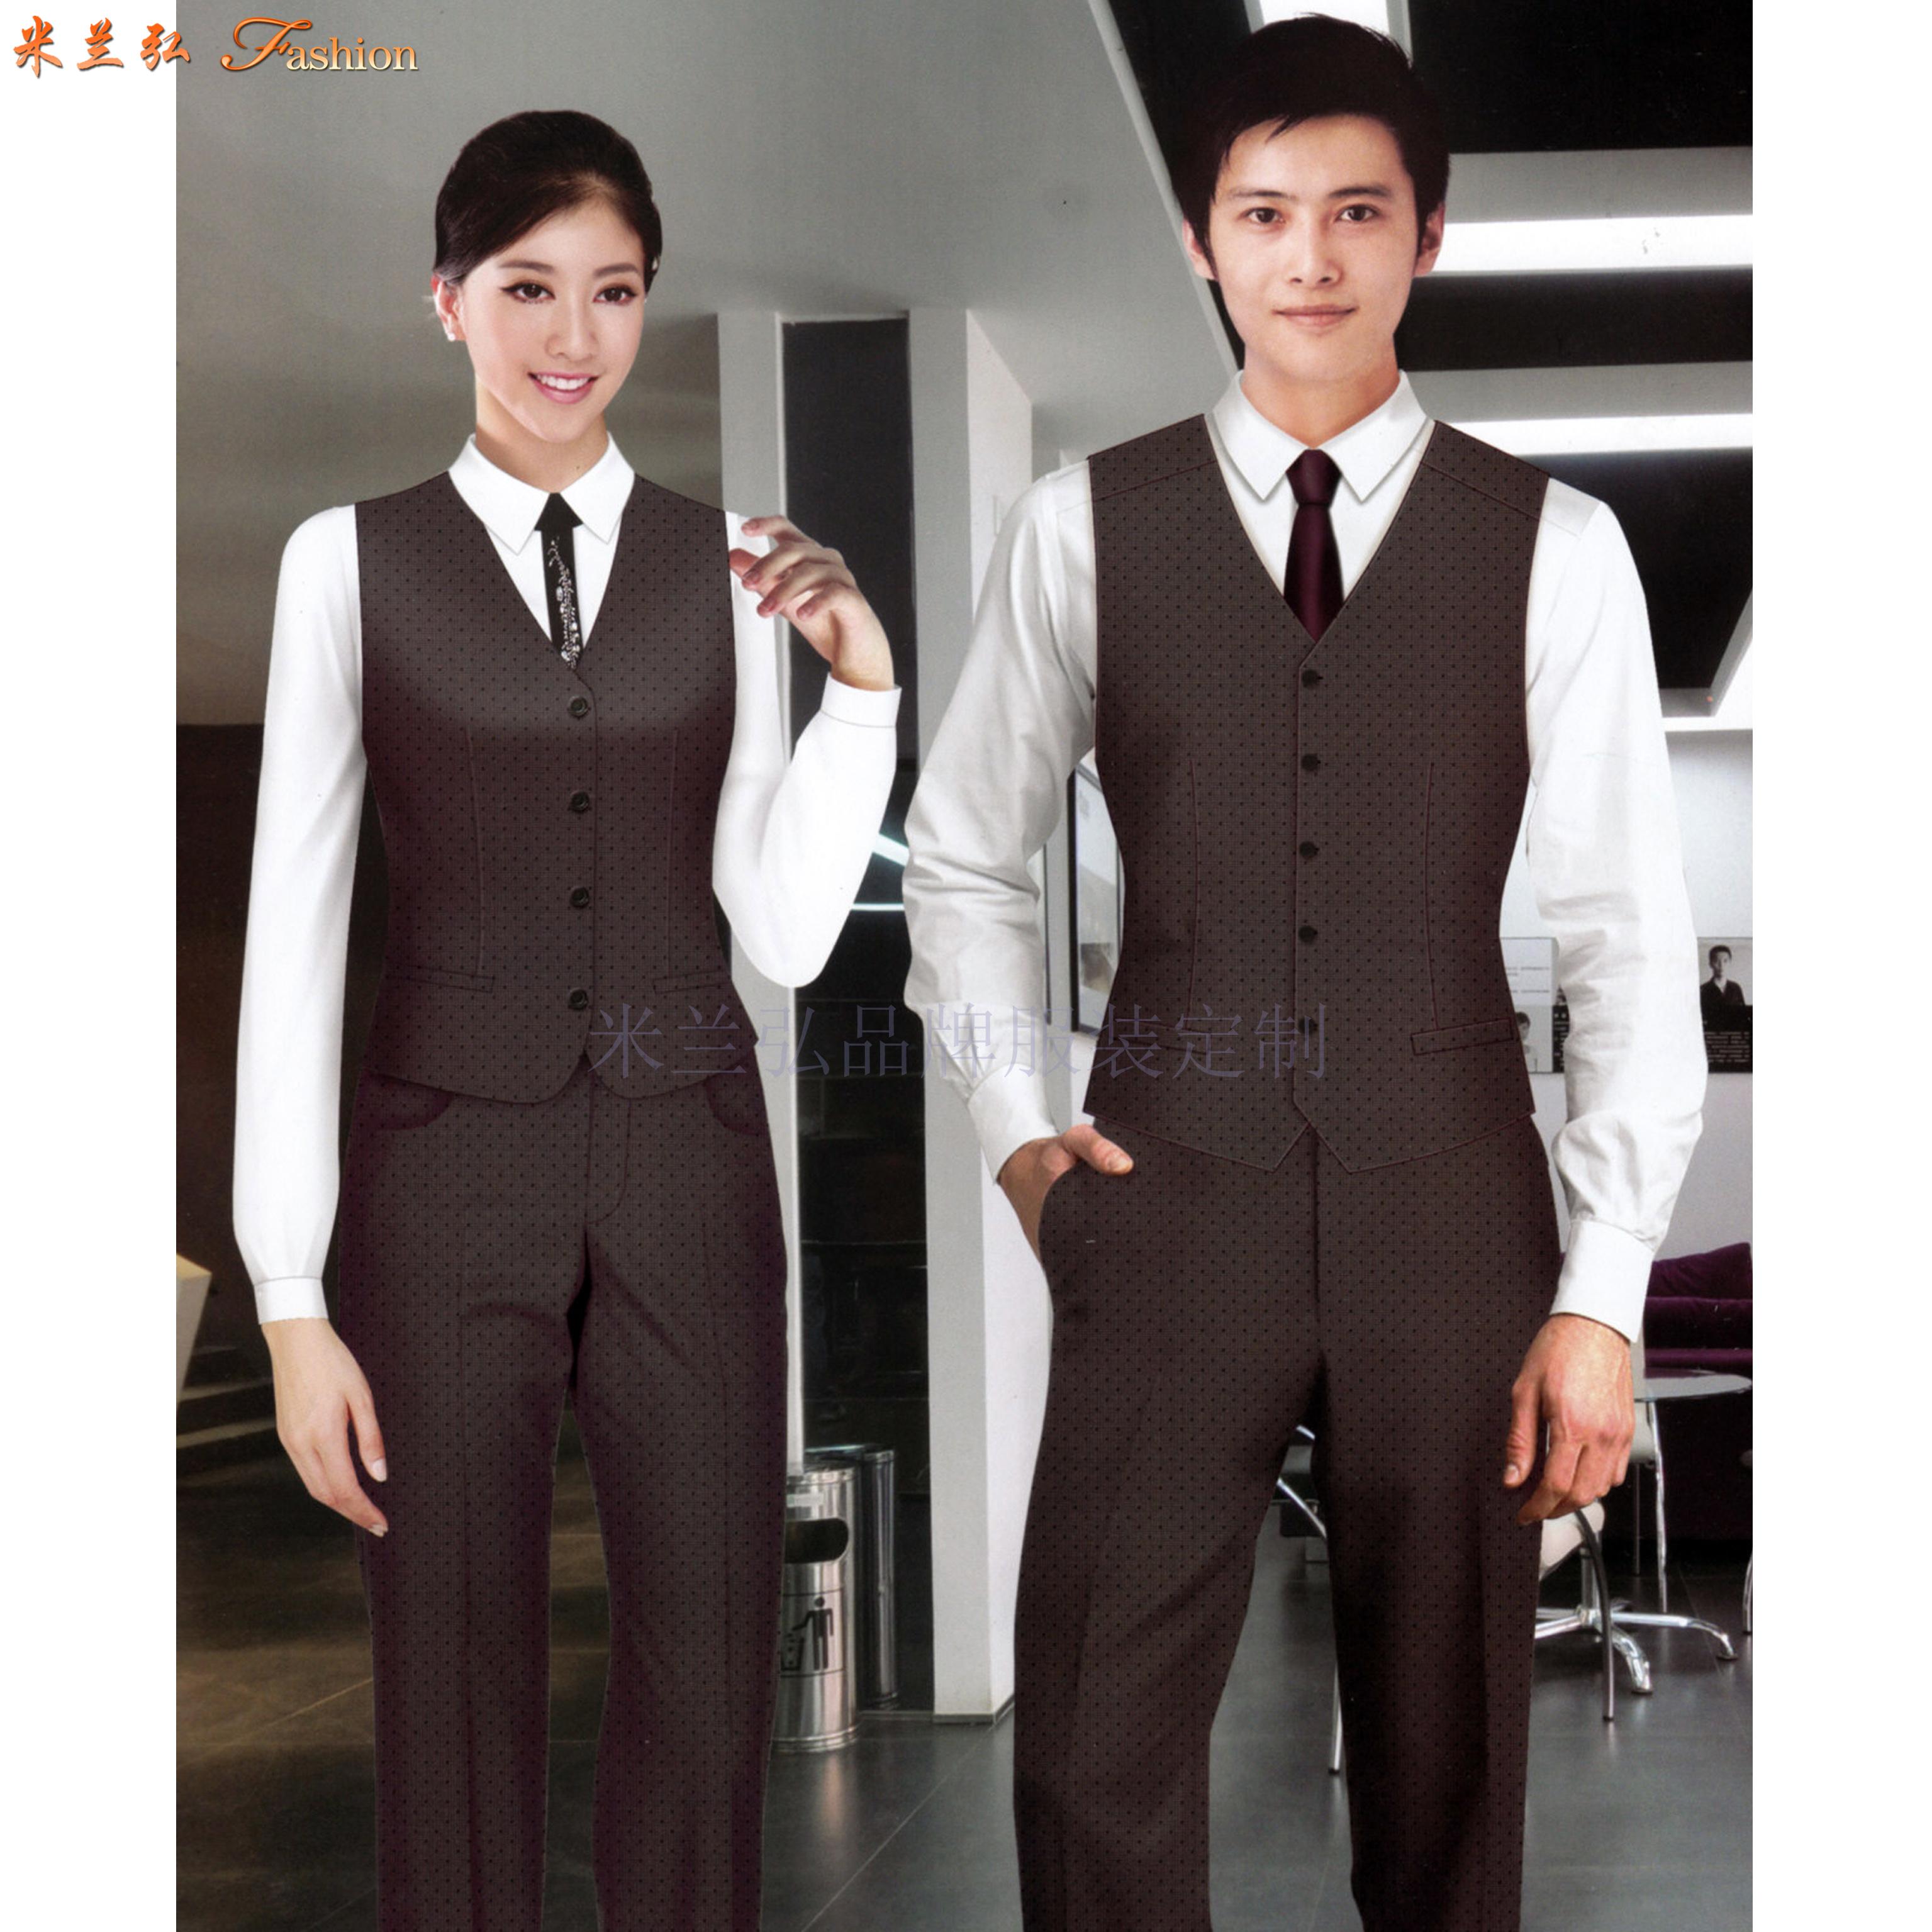 「大連定制商務西裝定做品牌西服」訂做正裝西服廠家米蘭弘👍-1